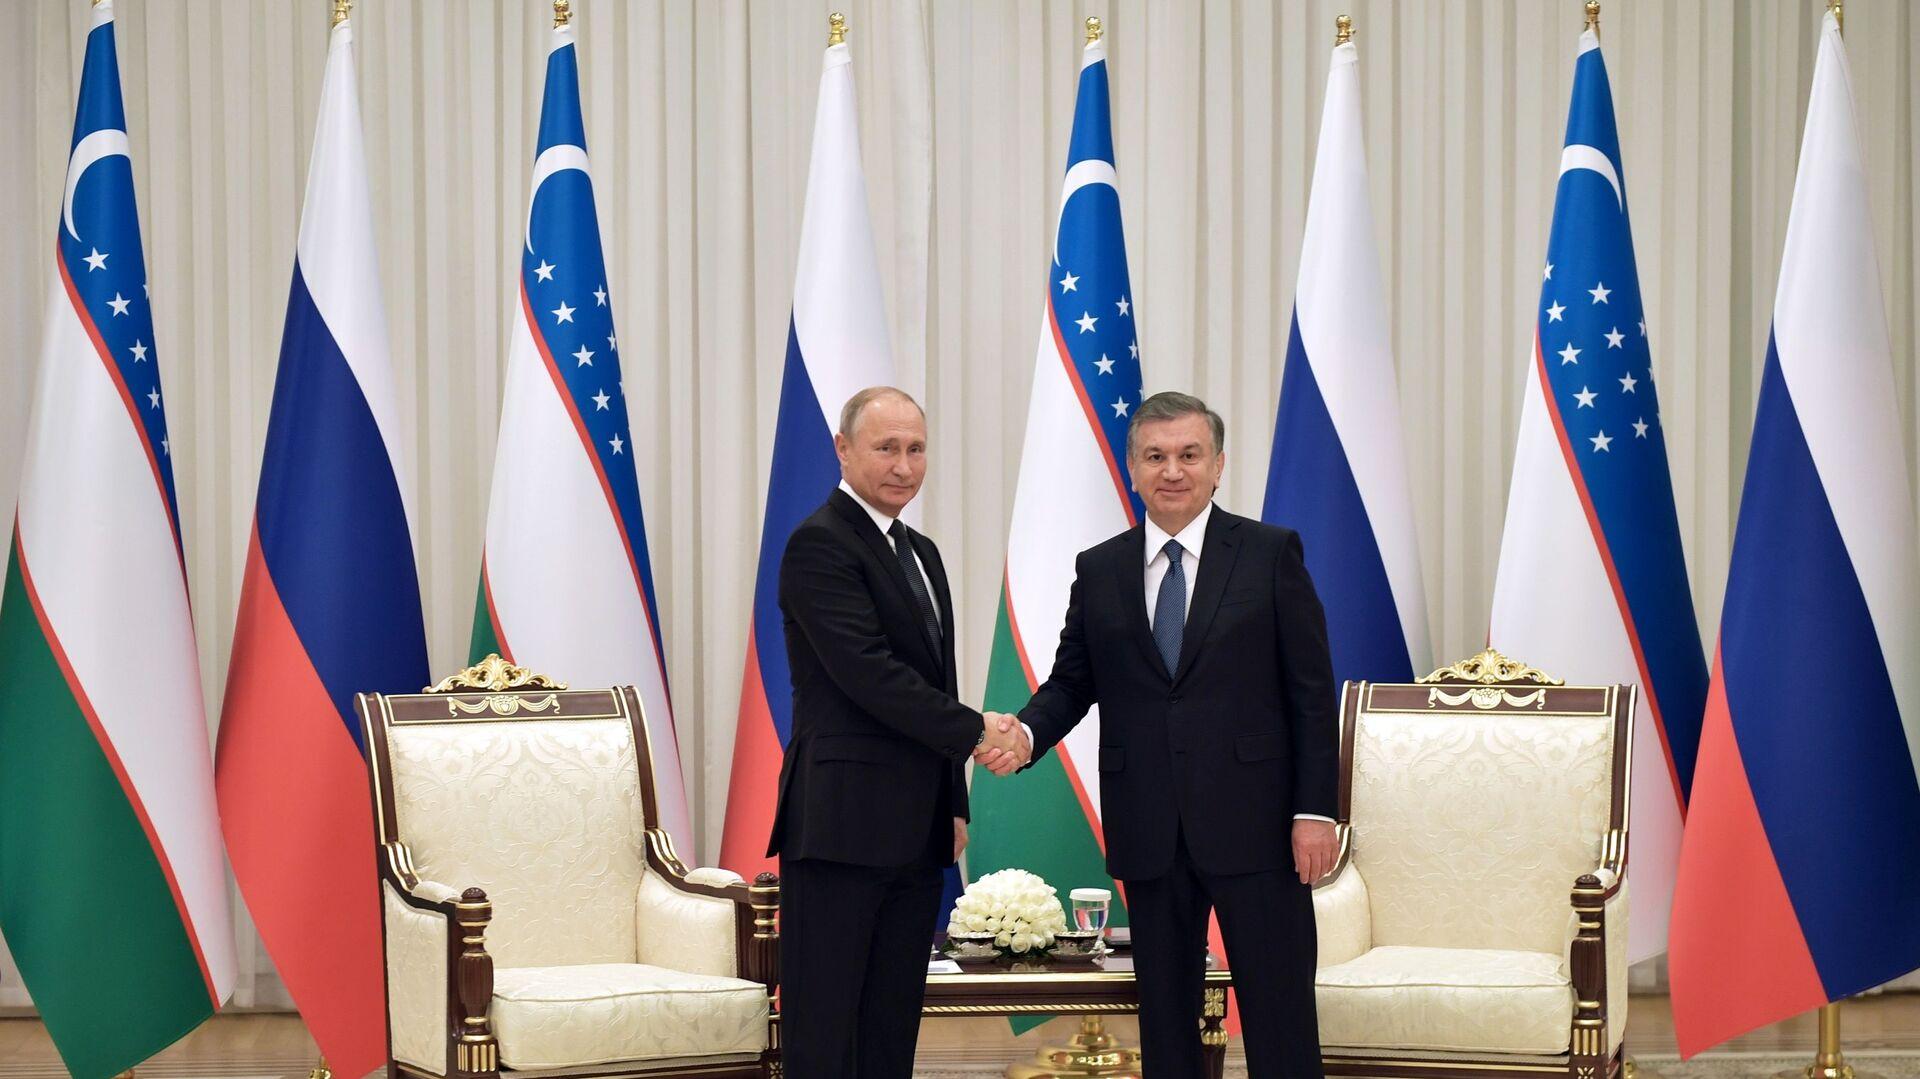 Gosudarstvennыy vizit prezidenta RF V. Putina v Uzbekistan - Sputnik Oʻzbekiston, 1920, 13.09.2021